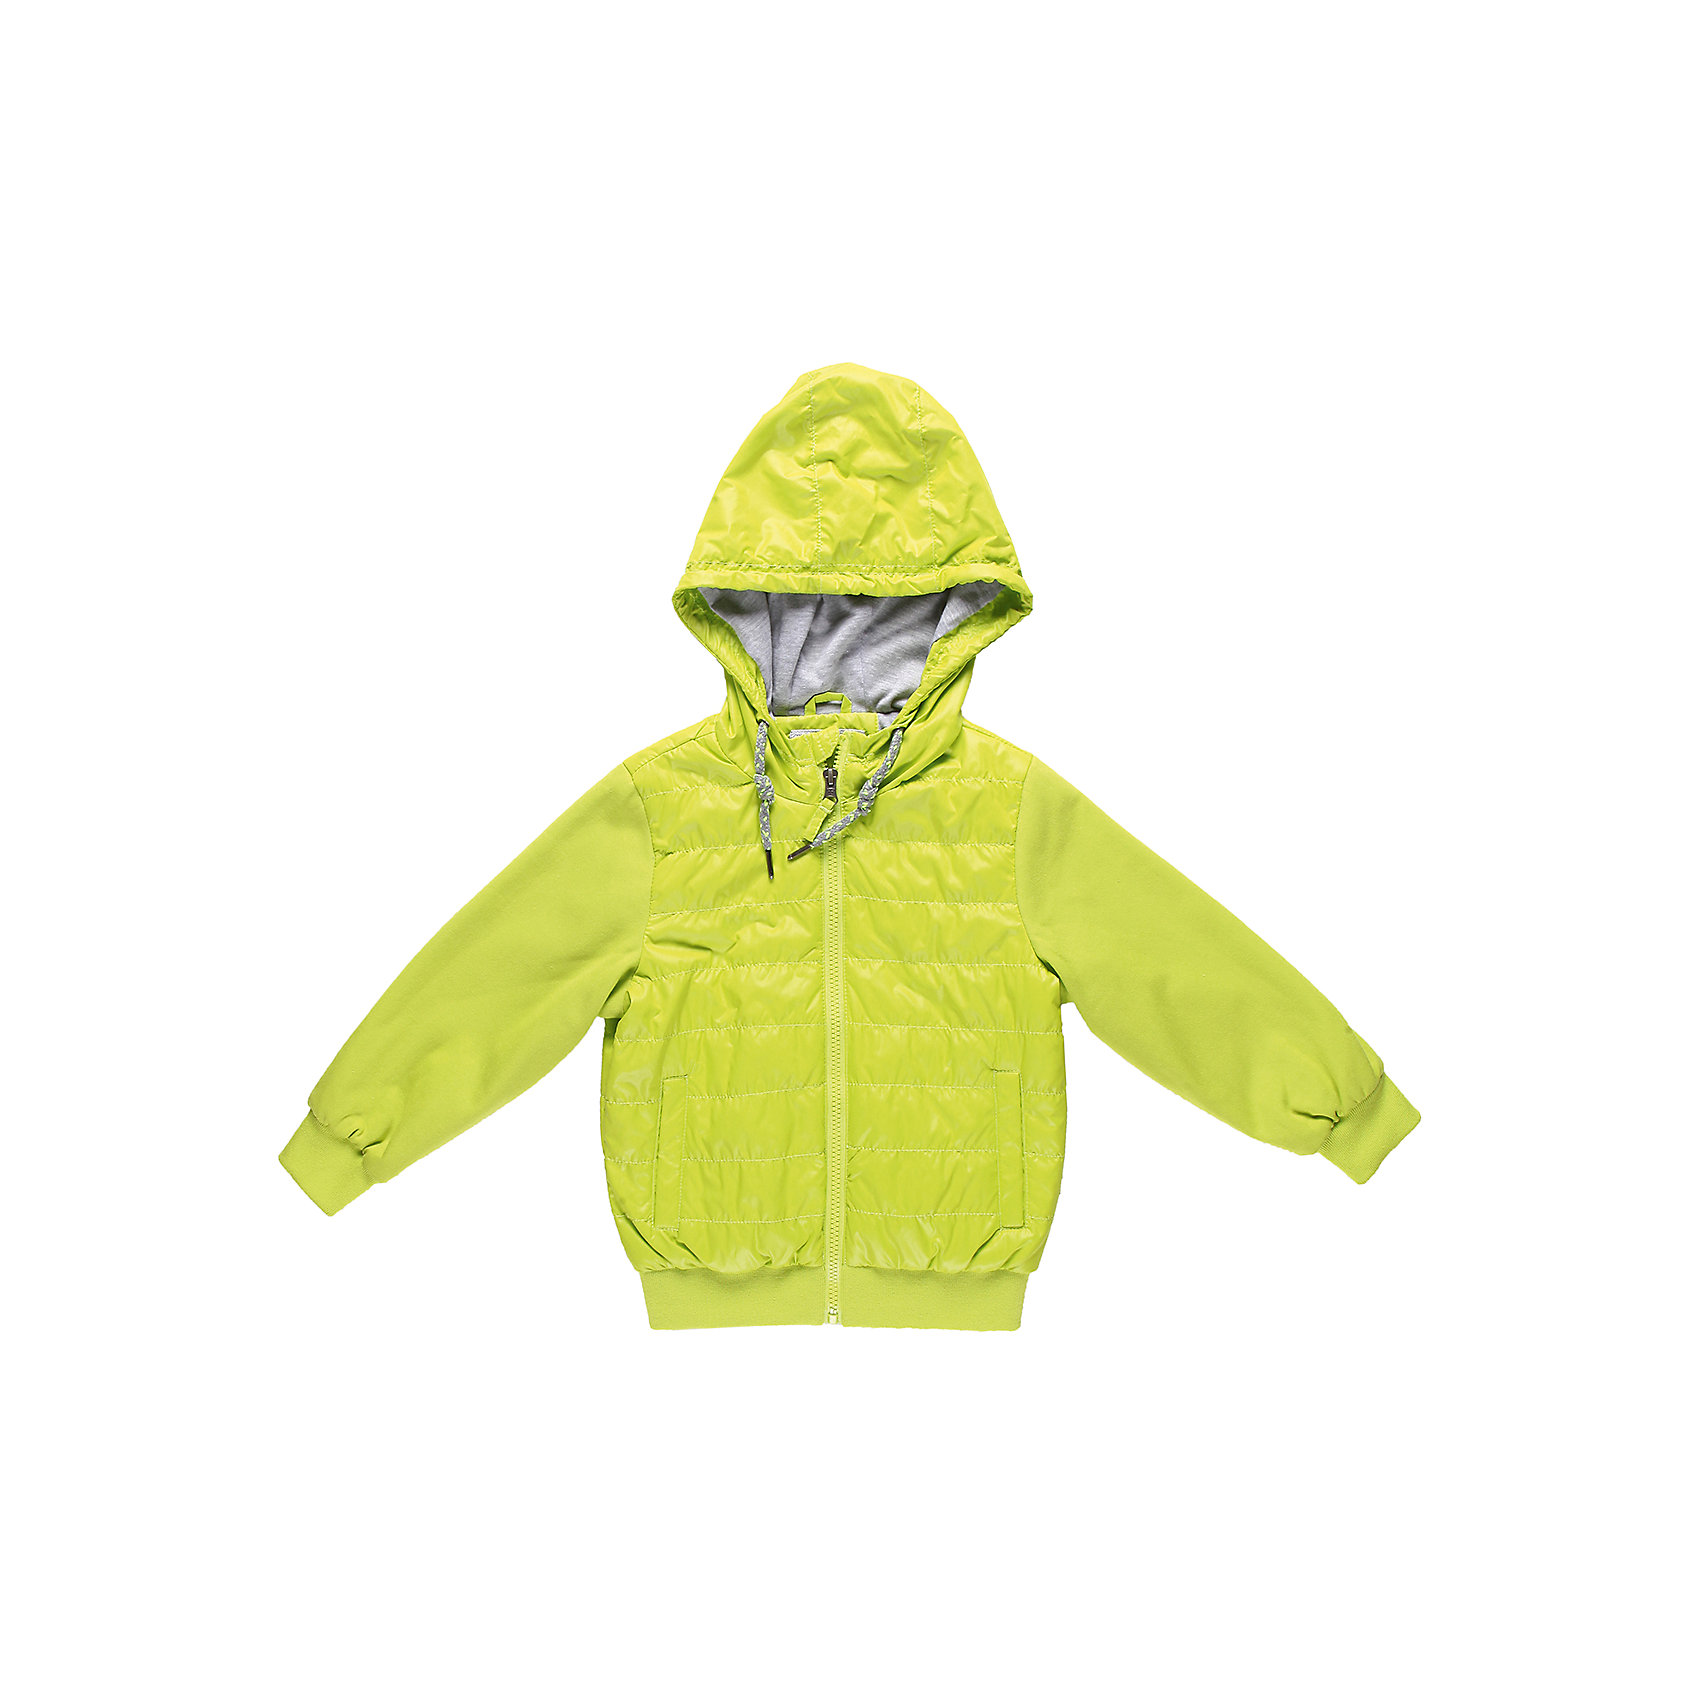 Куртка для мальчика Sweet BerryДемисезонные куртки<br>Куртка с трикотажными рукавами и капюшоном. Внутри трикотажная подкладка.<br>Состав:<br>Верх: 100% полиэстер, 65% хлопок, 35% полиэстер, Подкладка: 65% хлопок, 35% полиэстер, Наполнитель: 100% полиэстер<br><br>Ширина мм: 356<br>Глубина мм: 10<br>Высота мм: 245<br>Вес г: 519<br>Цвет: зеленый<br>Возраст от месяцев: 36<br>Возраст до месяцев: 48<br>Пол: Мужской<br>Возраст: Детский<br>Размер: 104,110,98,128,122,116<br>SKU: 4522824